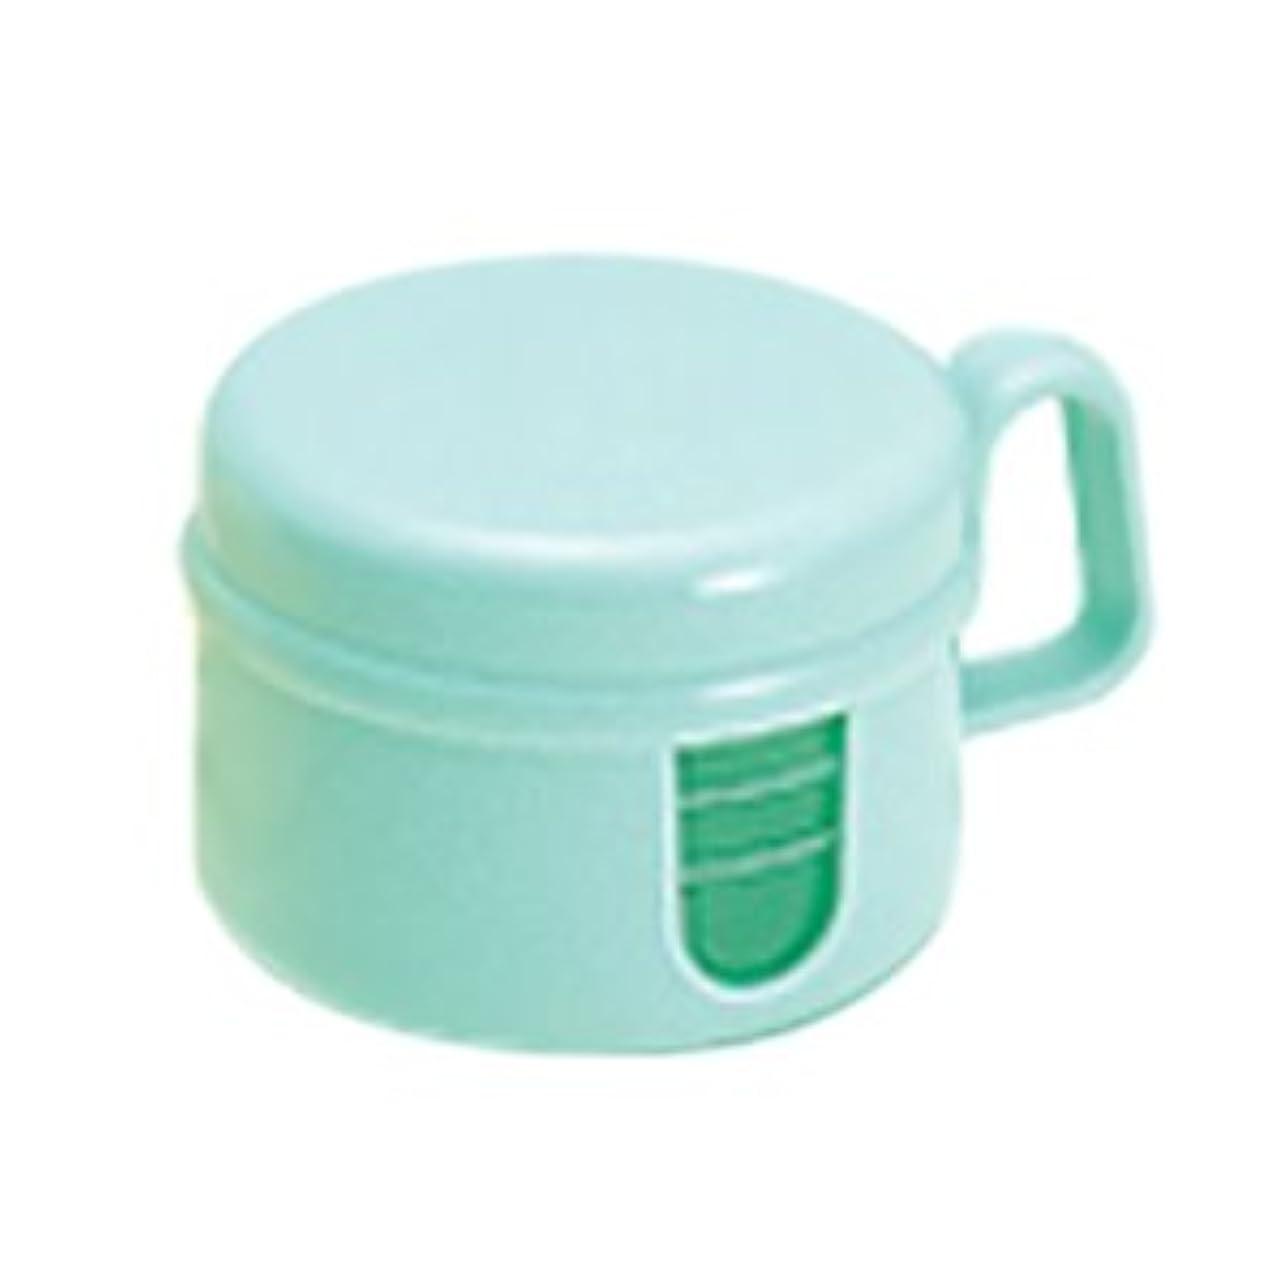 音楽廃止するポーター松風 ピカ 入れ歯 洗浄保存容器 グリーン